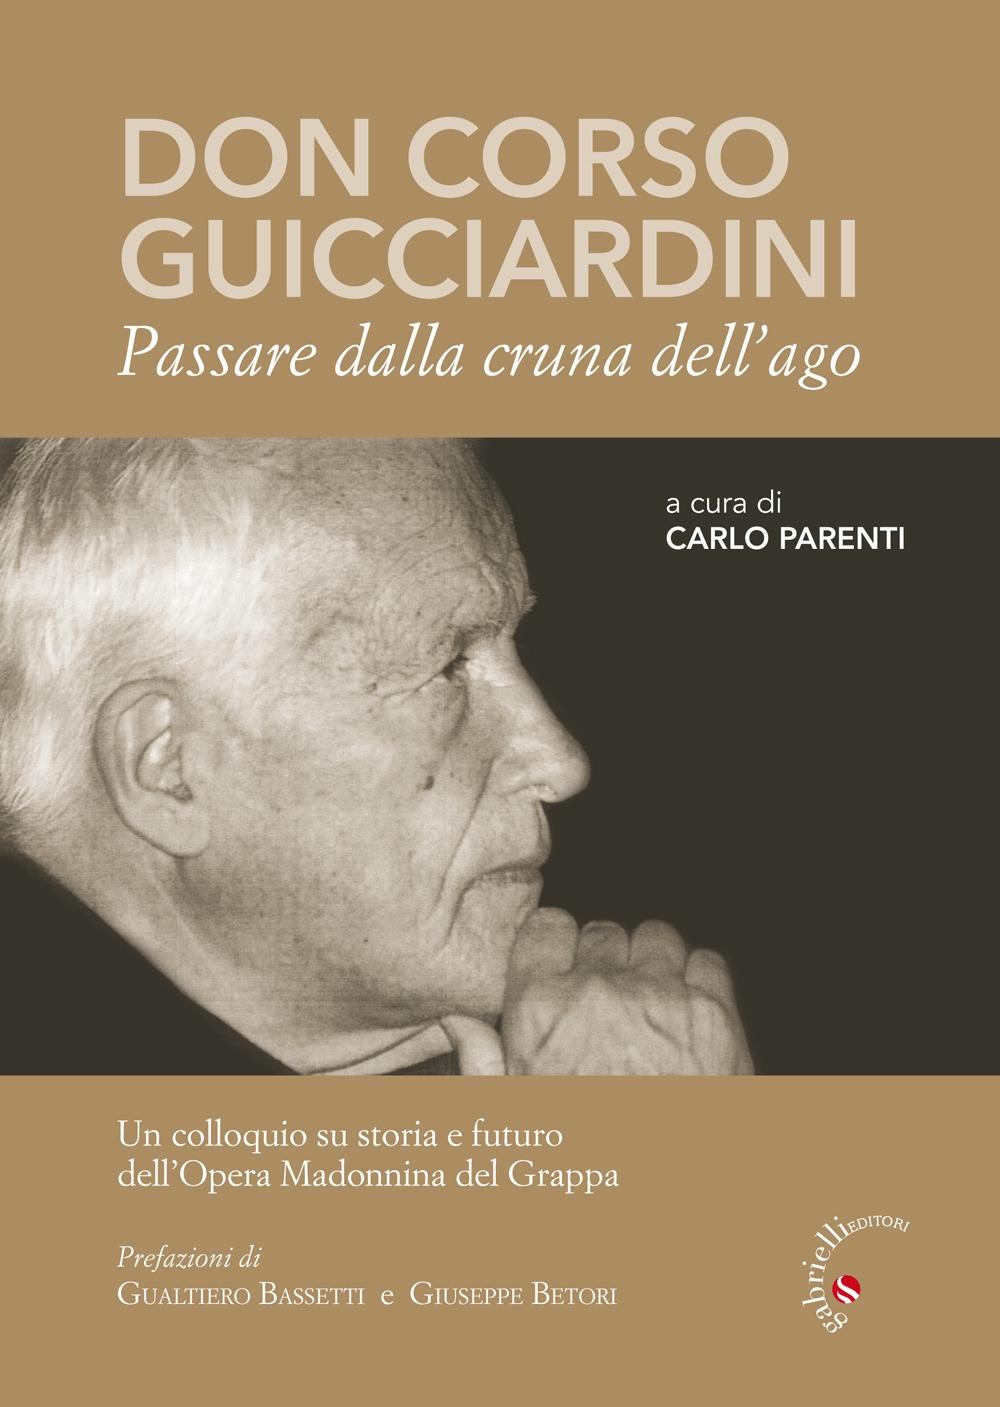 Don Corso Guicciardini. Passare dalla cruna dell'ago. Un colloquio su storia e futuro dell'Opera Madonnina del Grappa